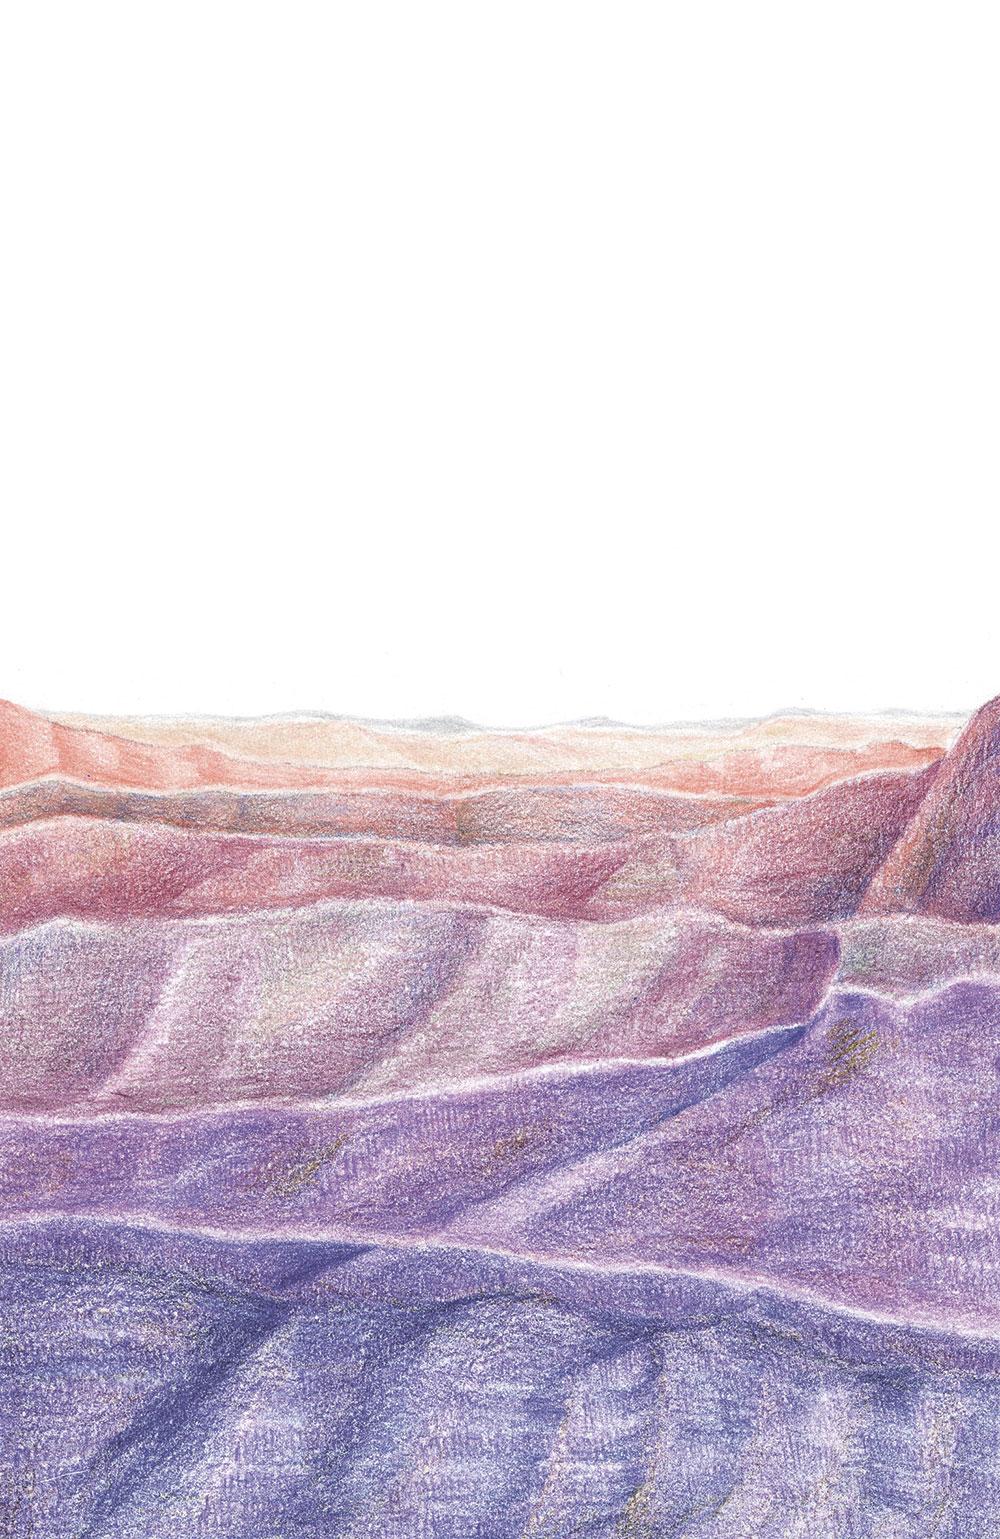 עדי מרמרי, 2016, Deep Purple, עפרונות צבעוניים, 200 שח